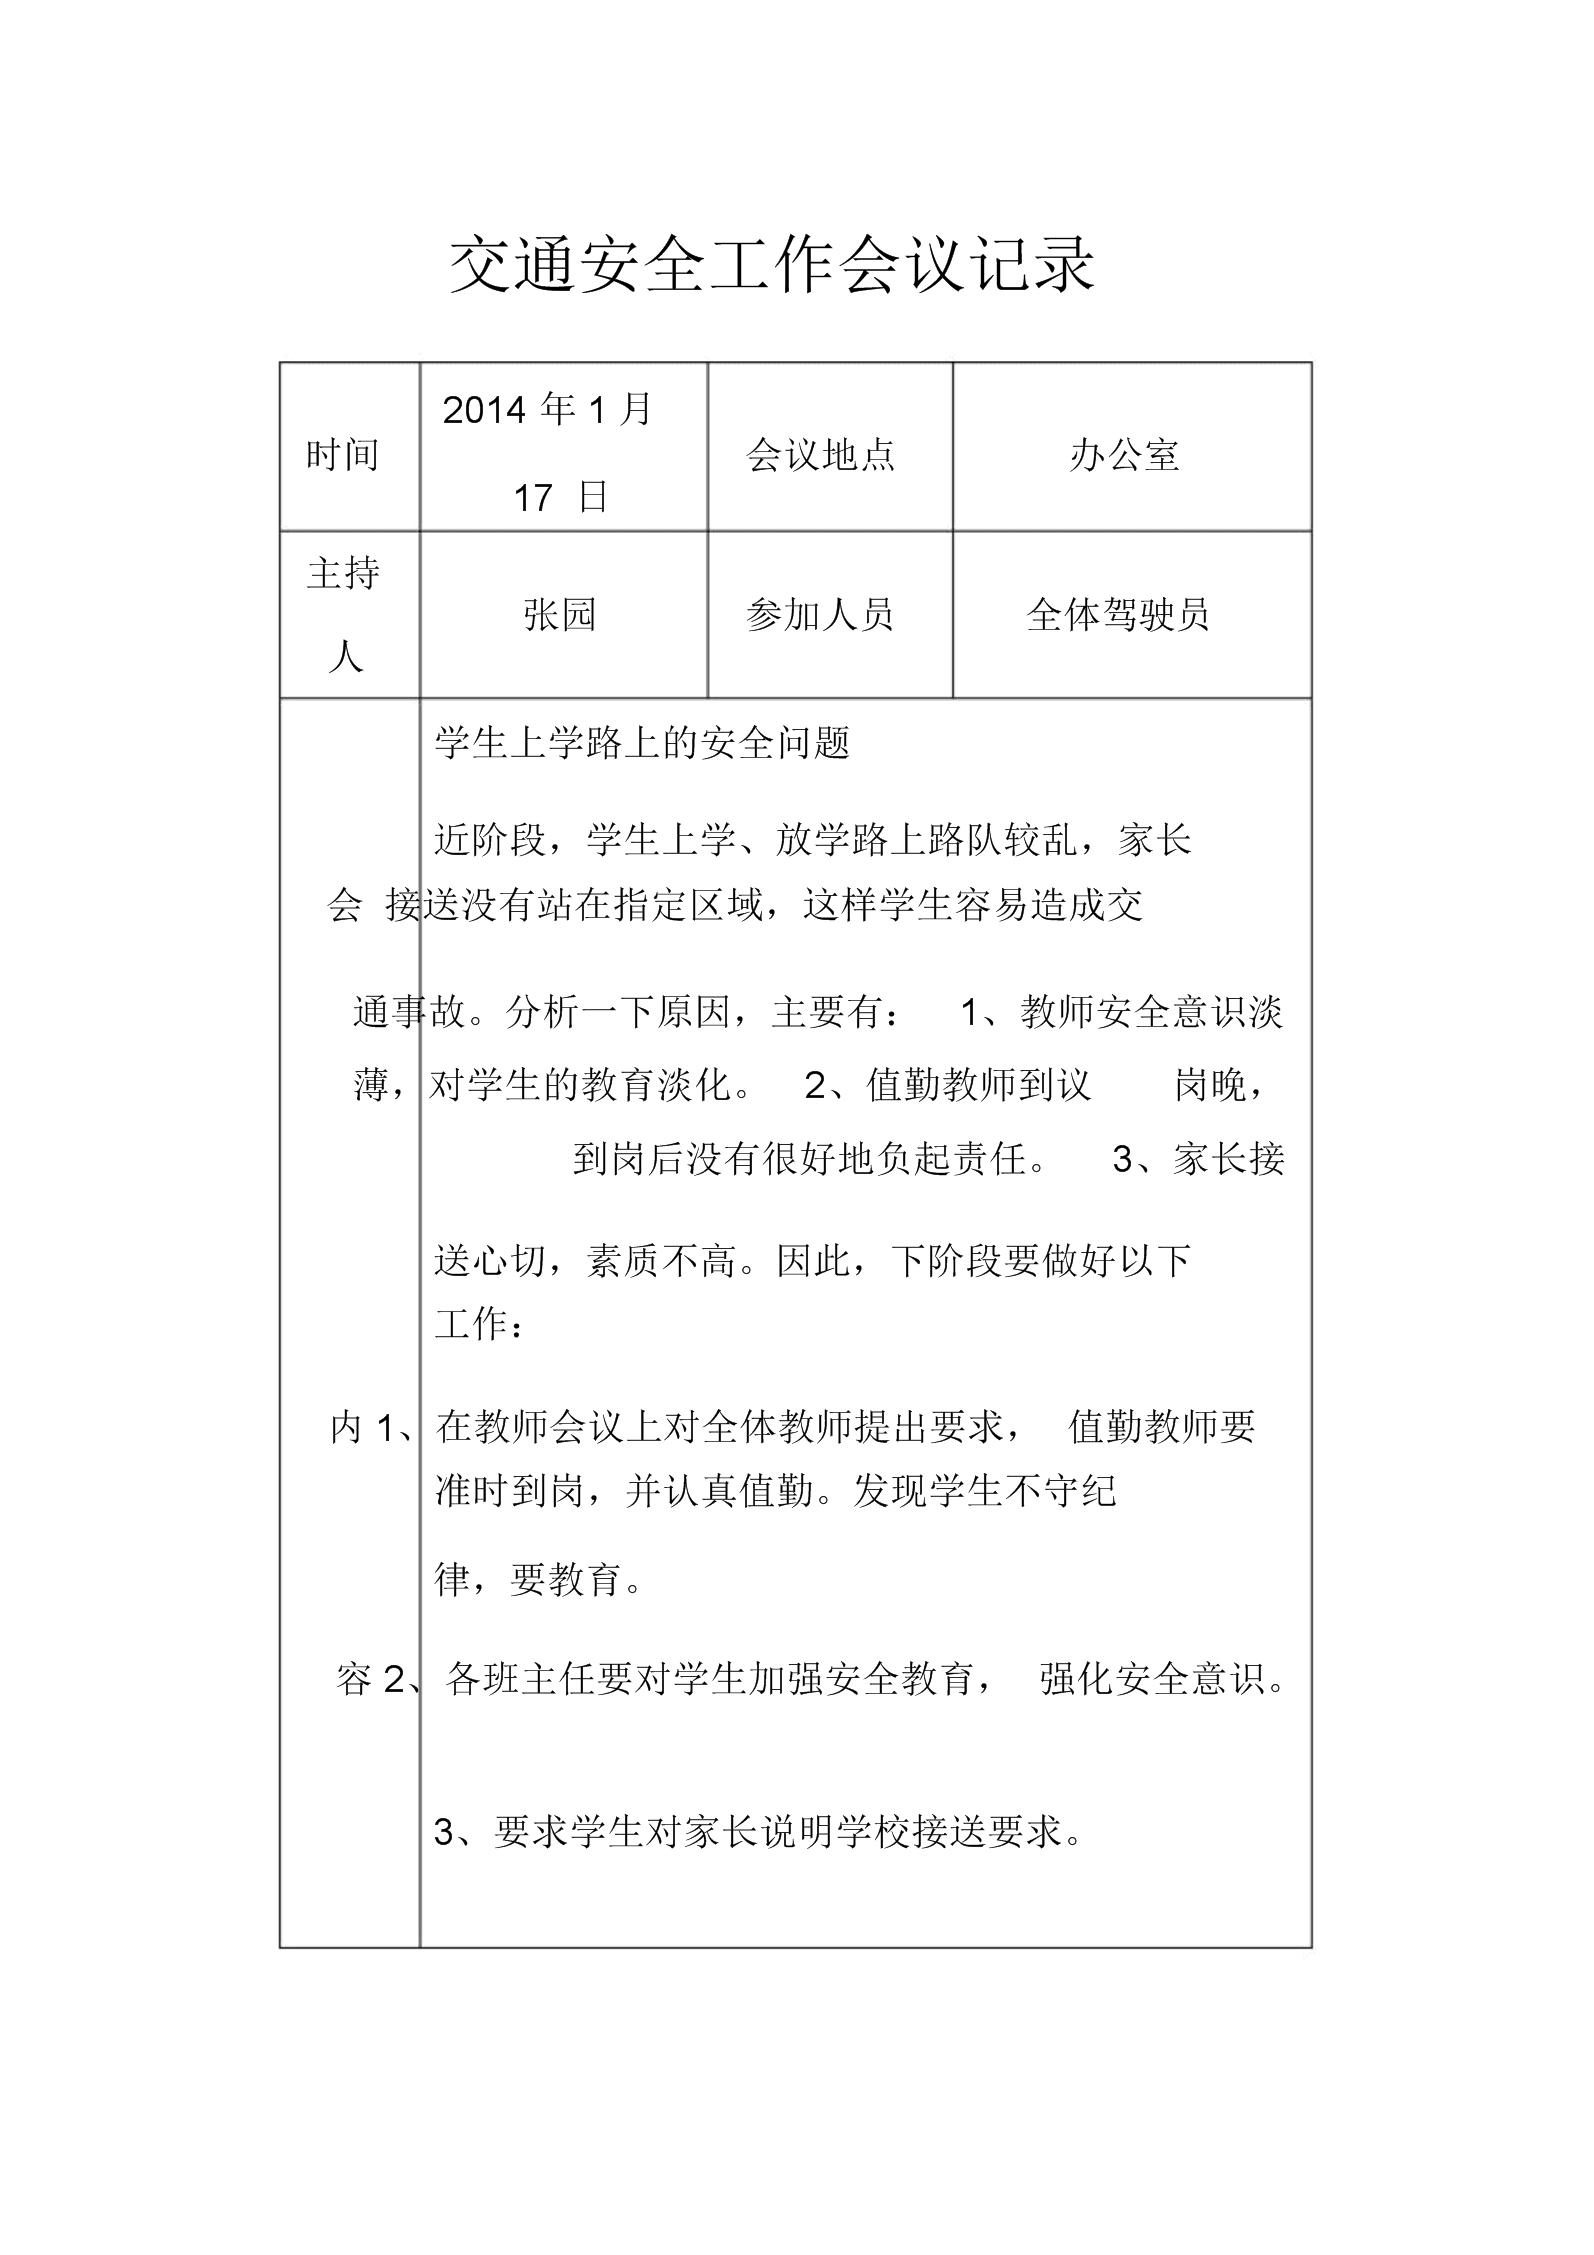 交通安全工作会议学习记录.docx